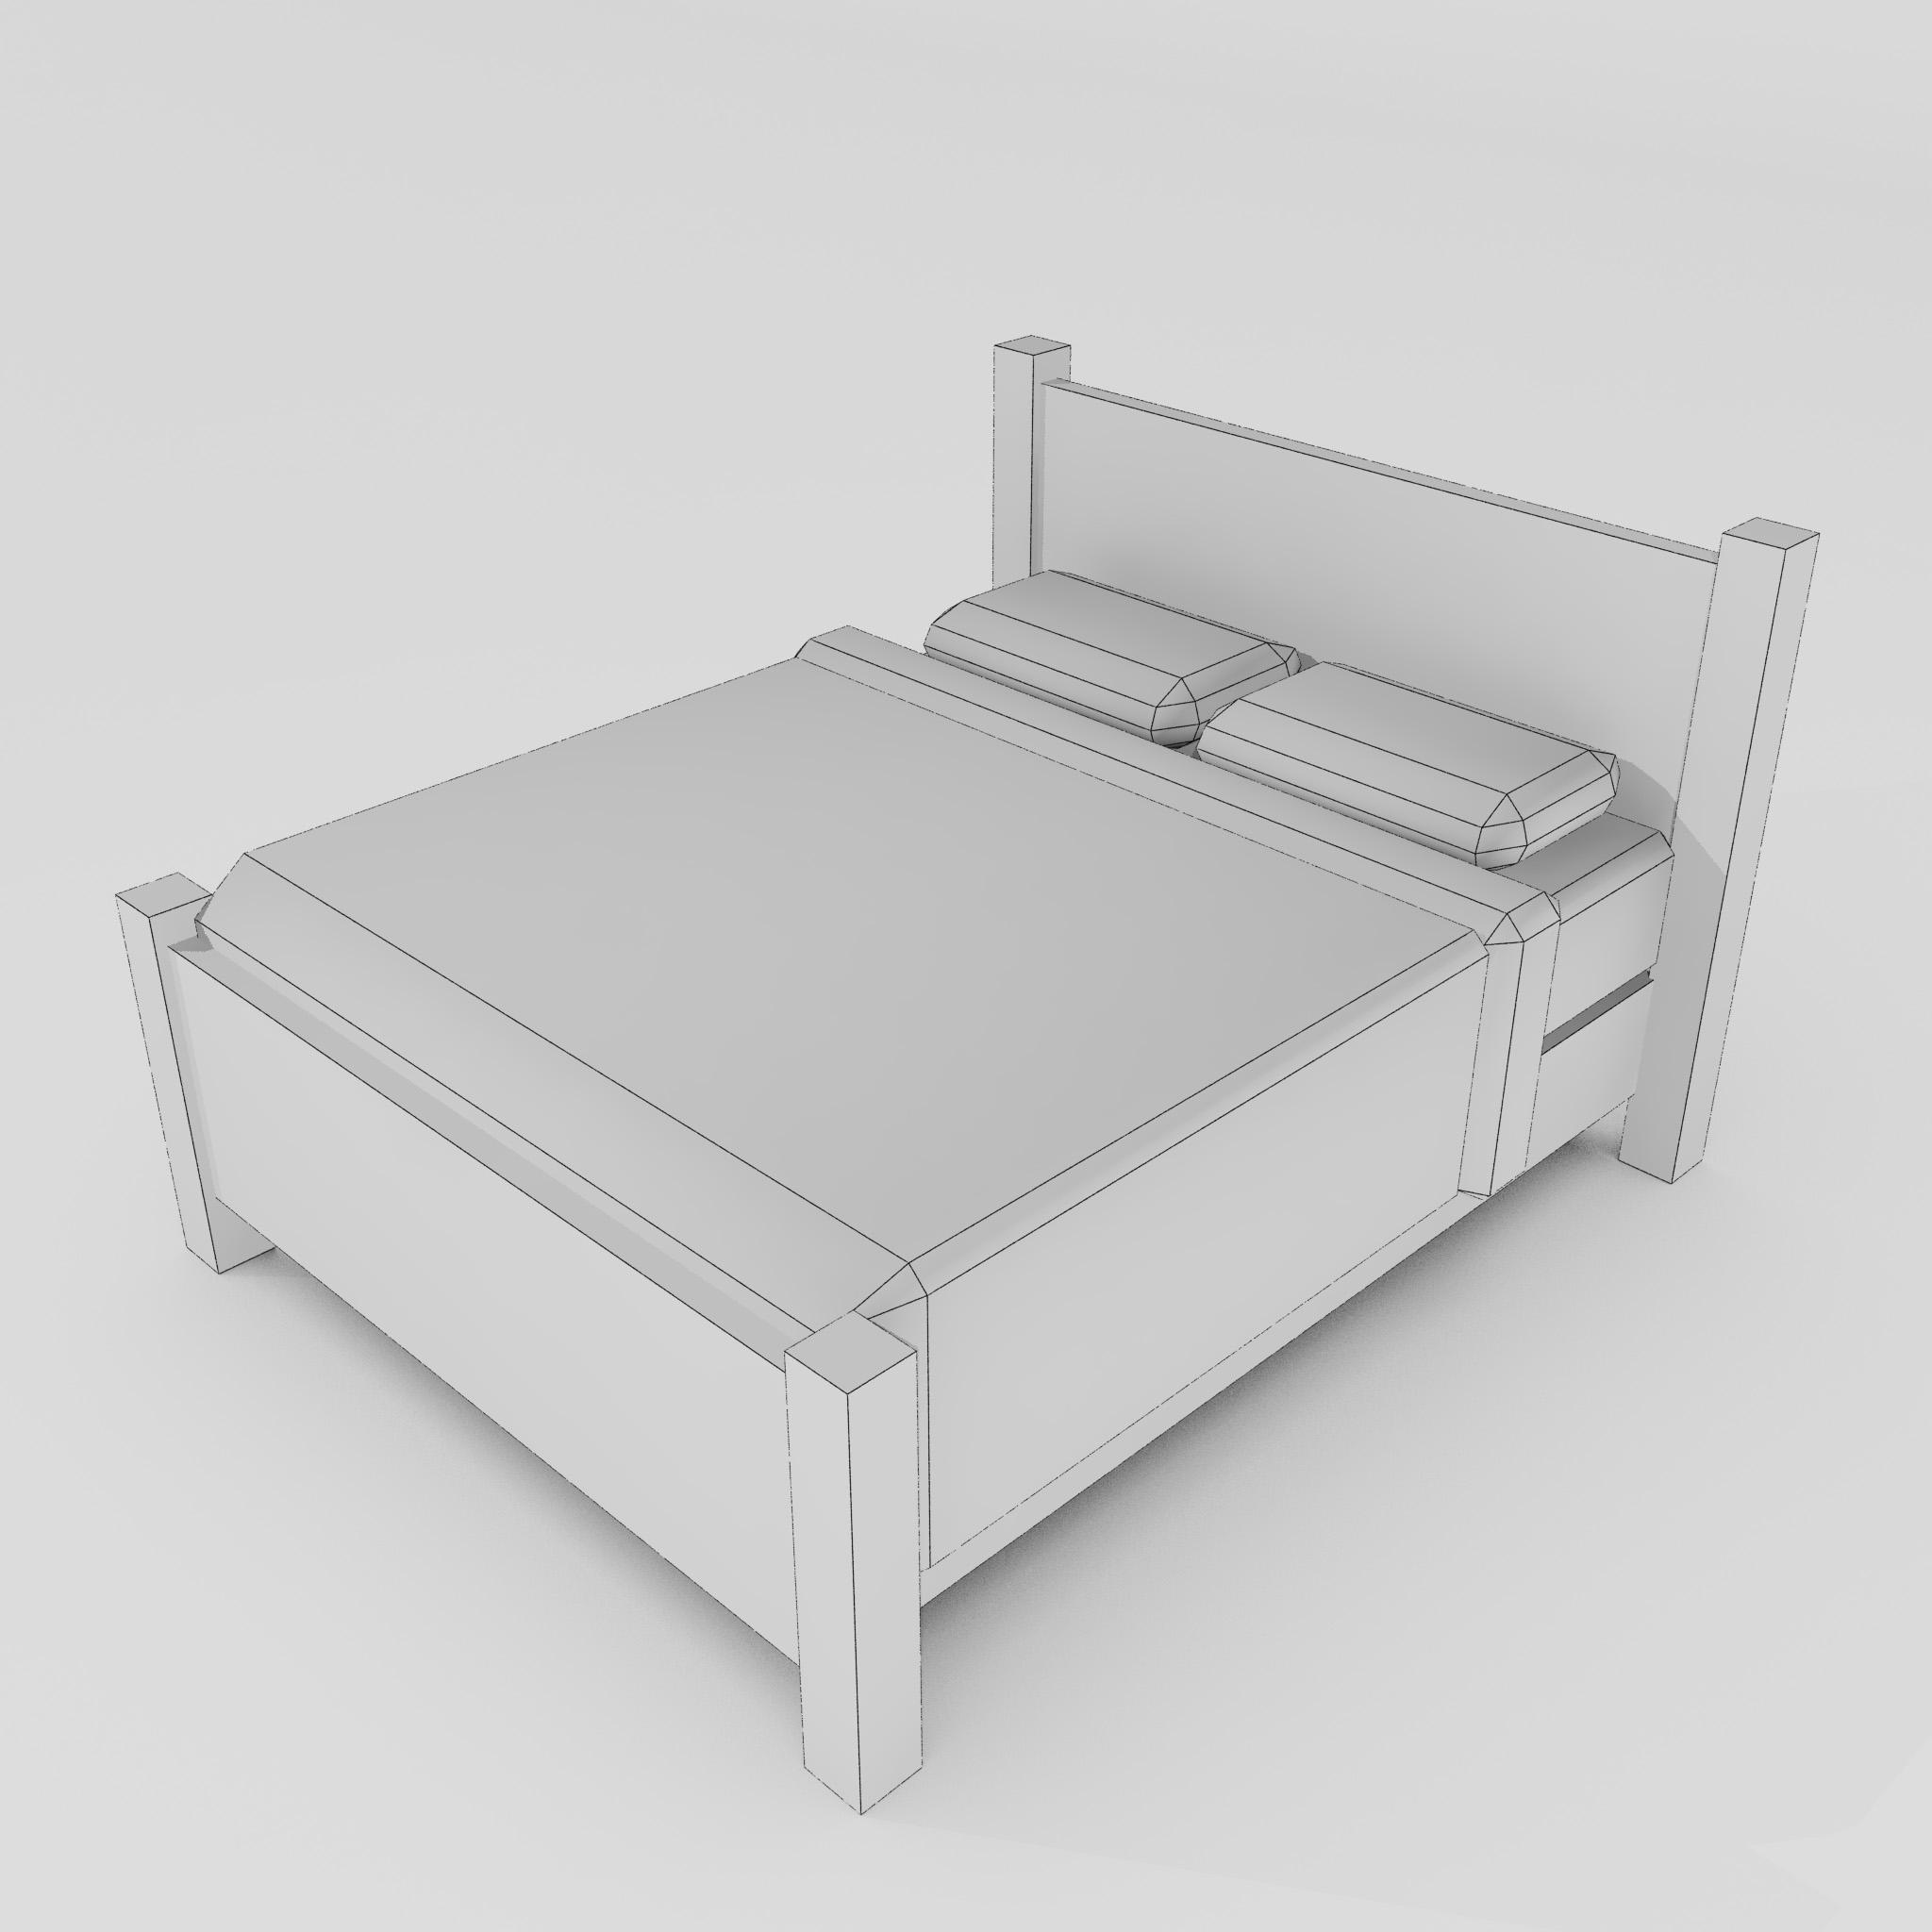 double bed 3d model 3ds max fbx obj 271947